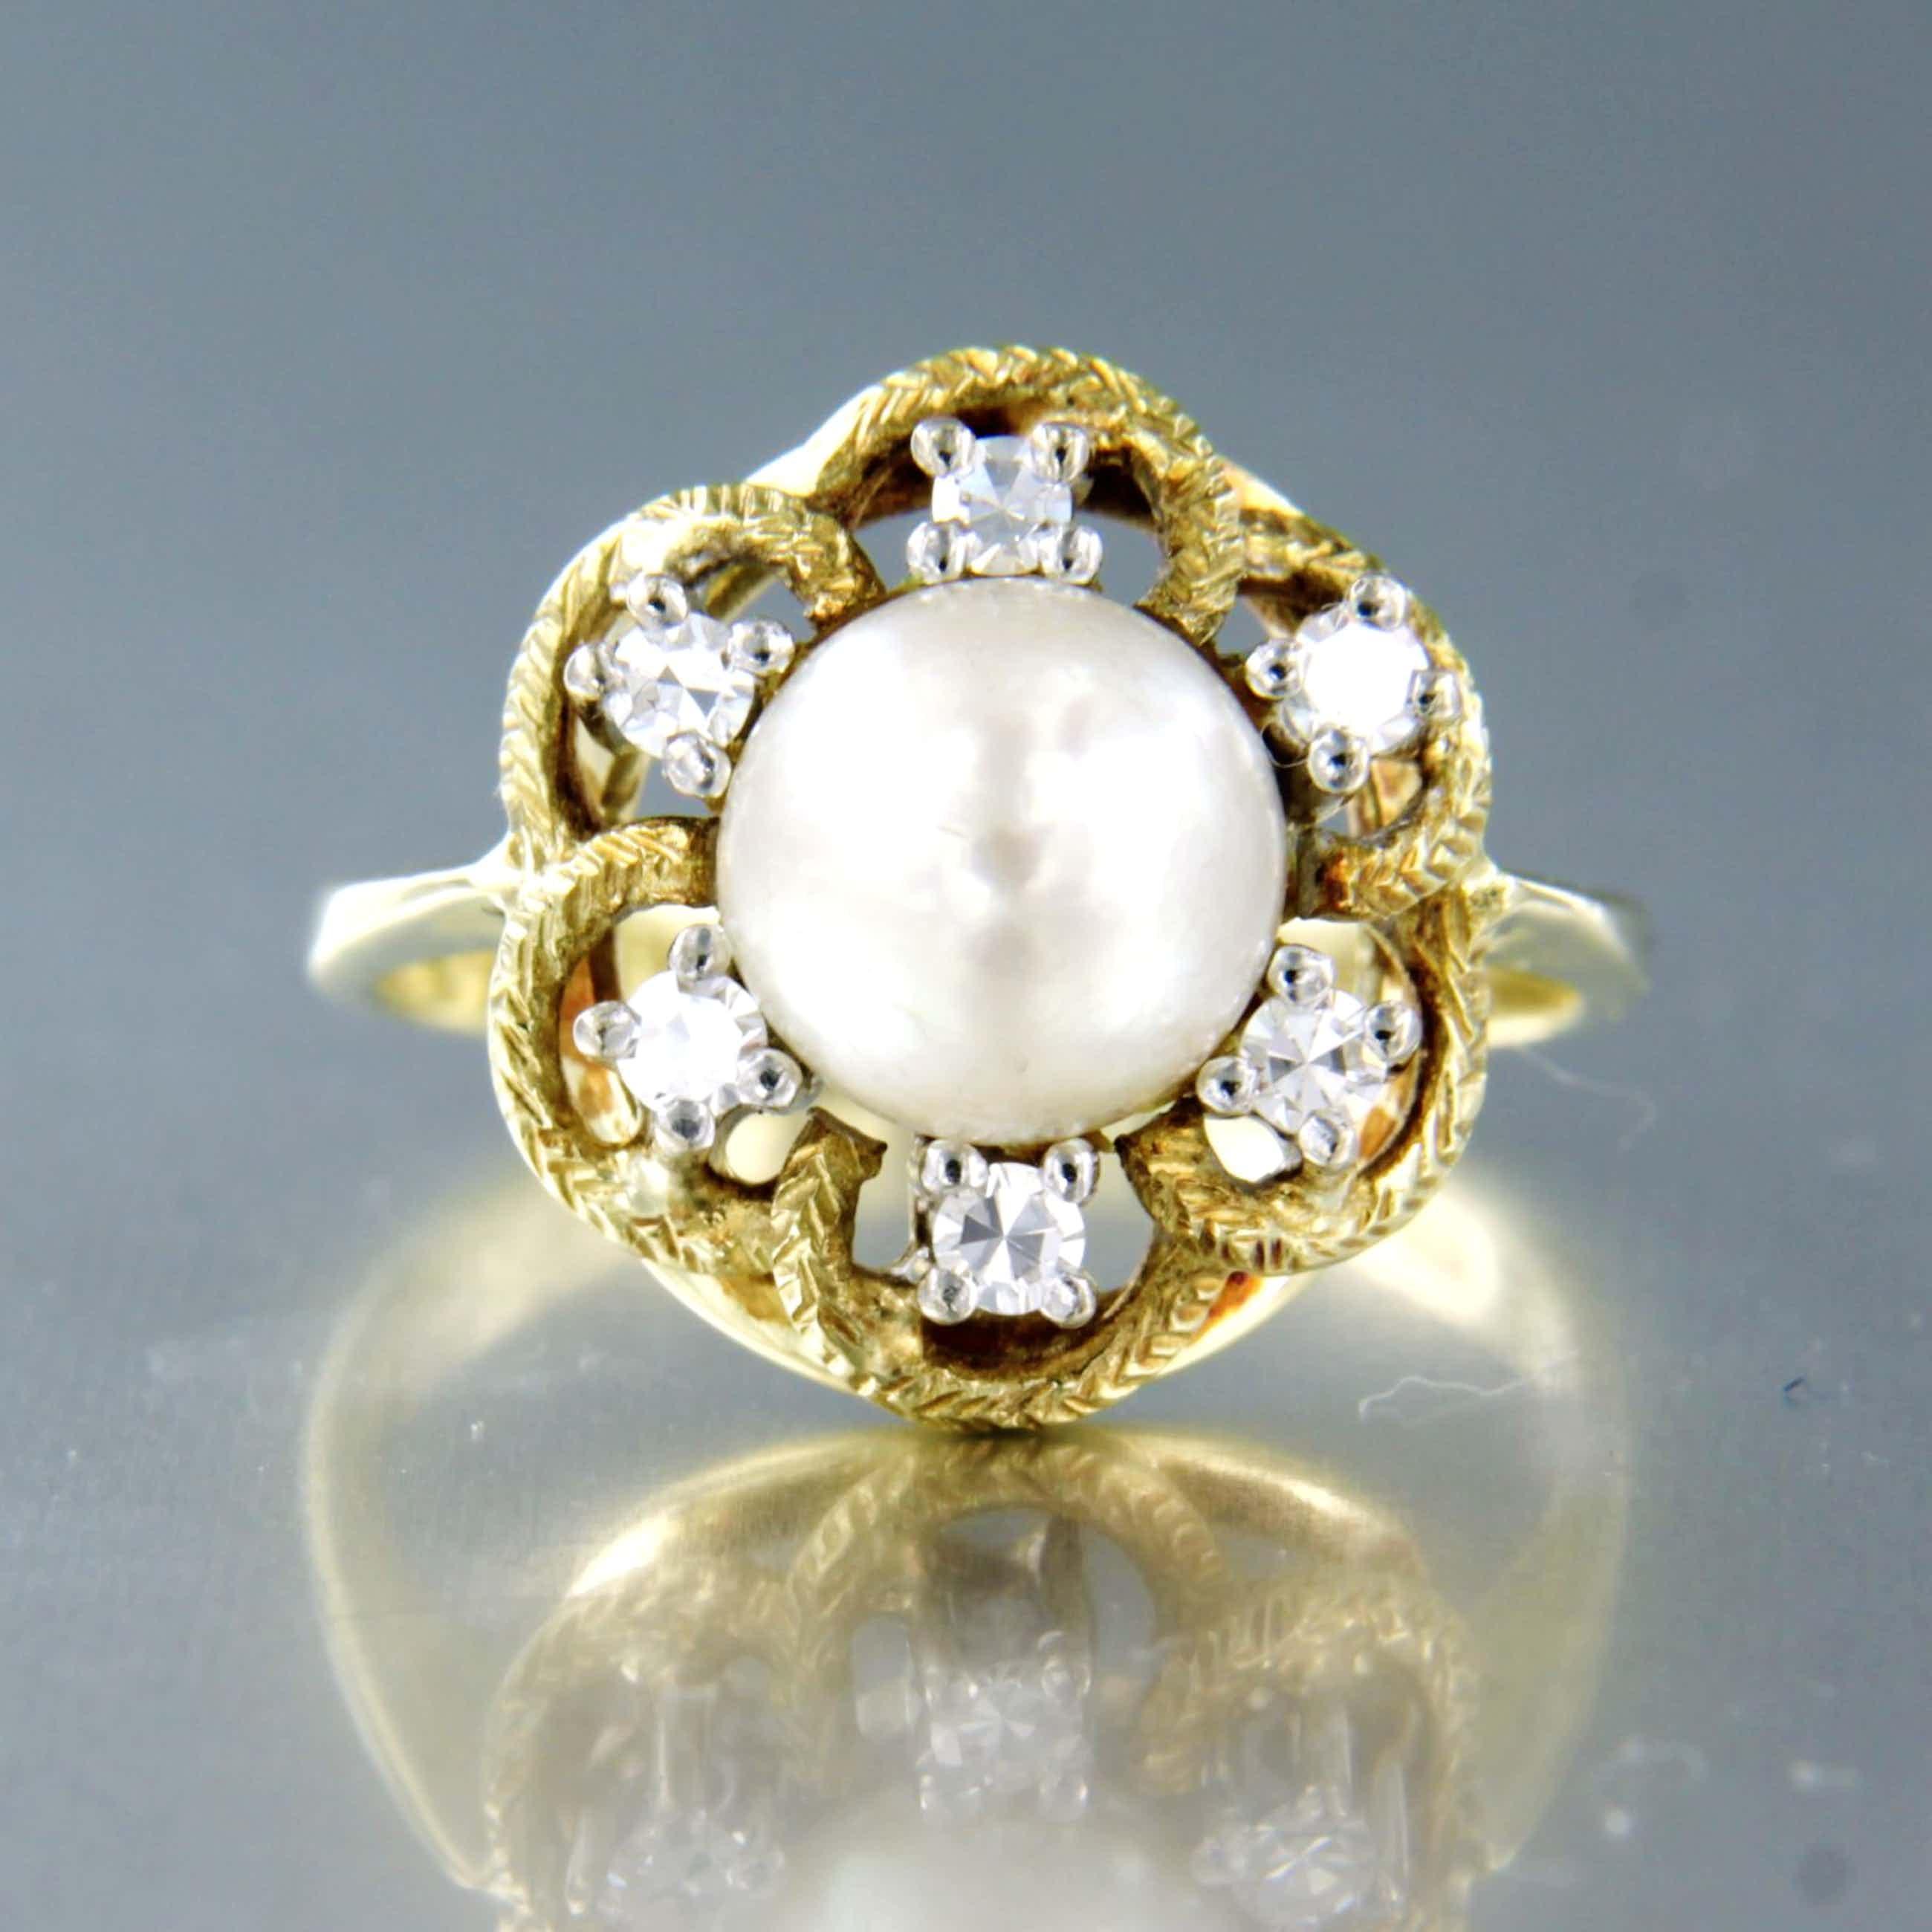 14K Goud - bicolor gouden ring bezet met een parel en 8 kant geslepen diamanten kopen? Bied vanaf 260!